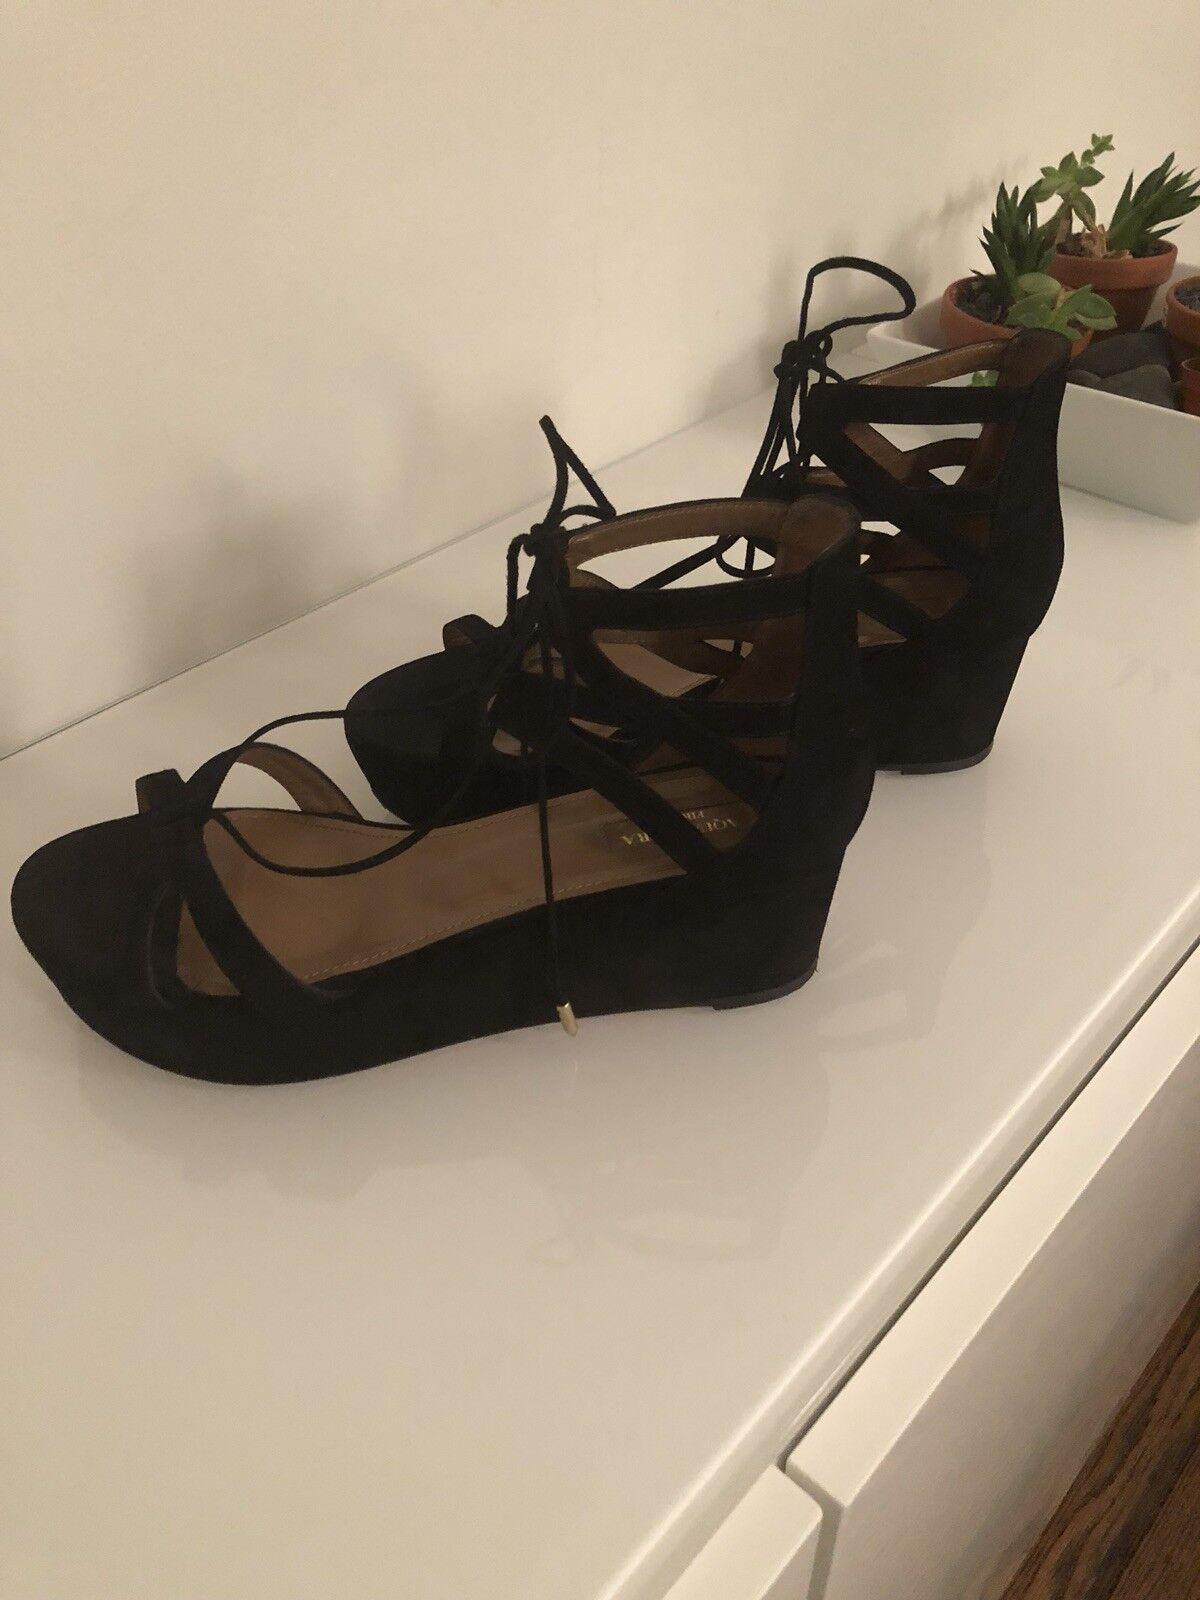 Aquazzura Blk Beverly Hills Suede Platform Sandals Sandals Sandals 7efd20